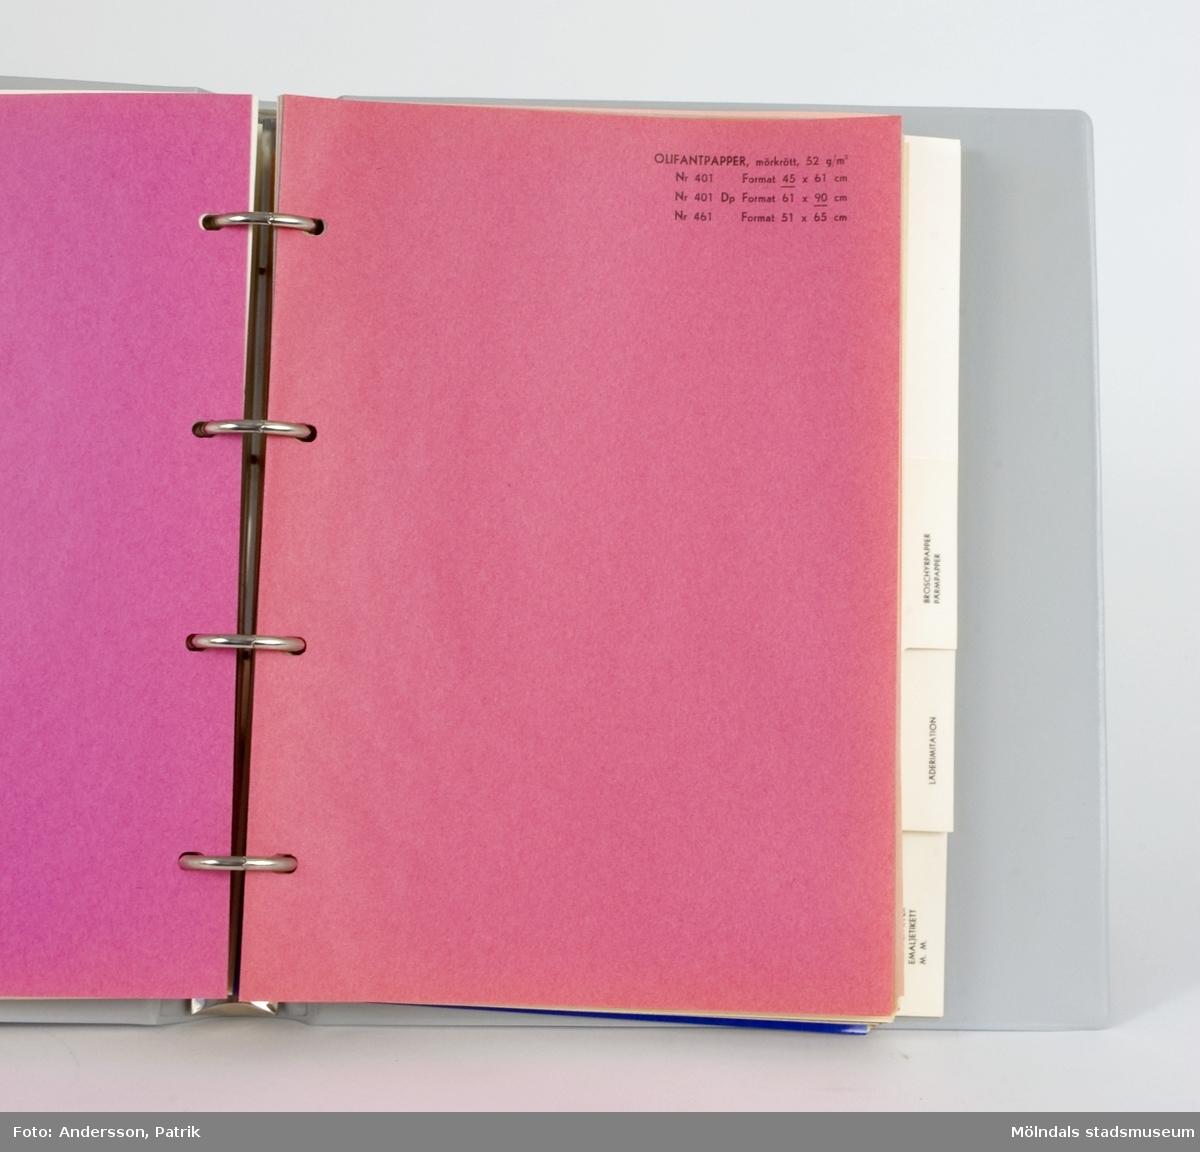 """Provbok i ringpärmsutförande, troligen från 1950- eller 1960-talet. Pärmen, """"Papyrus Provbok nr 3"""", innehåller provblad i en mängd färger, av papper i kategorierna; brevkortskartong, elfenbenskartong, bristolkartong, olifantpapper, broschyrpapper, pärmpapper, läderimitation, glanspapper, emaljetikett, glacéläsk och försättspapper. Pärmen är blå, plastklädd, med Papyrus namn och logotyp (sfinx på fundament) i vitt.Hör samman med Mölndals museums föremålsnummer 04715-04717."""